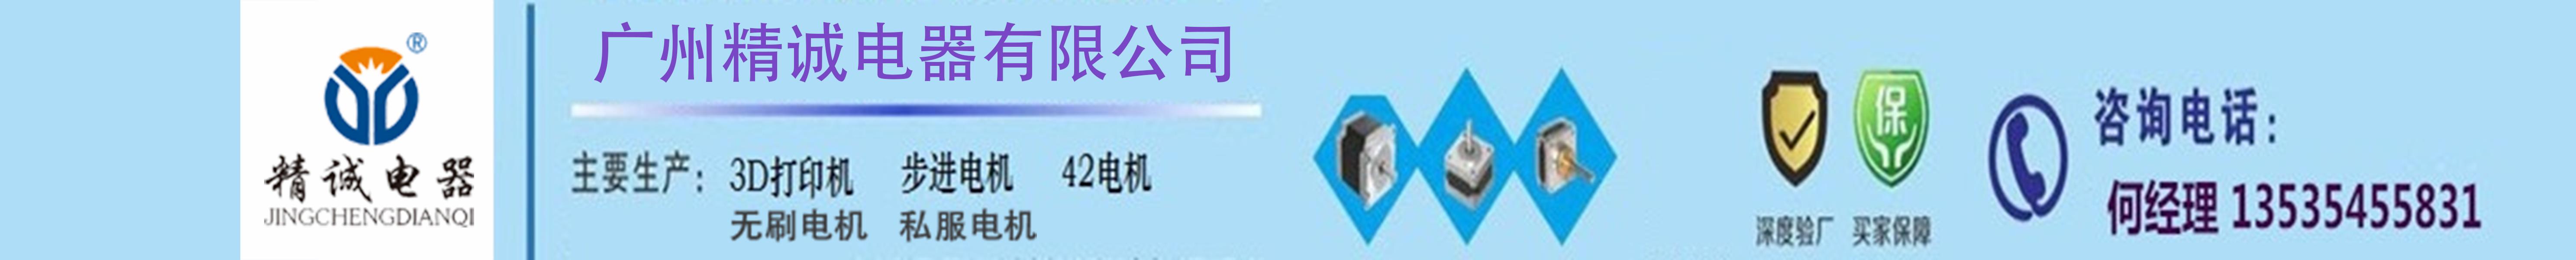 廣州精誠電器有限公司